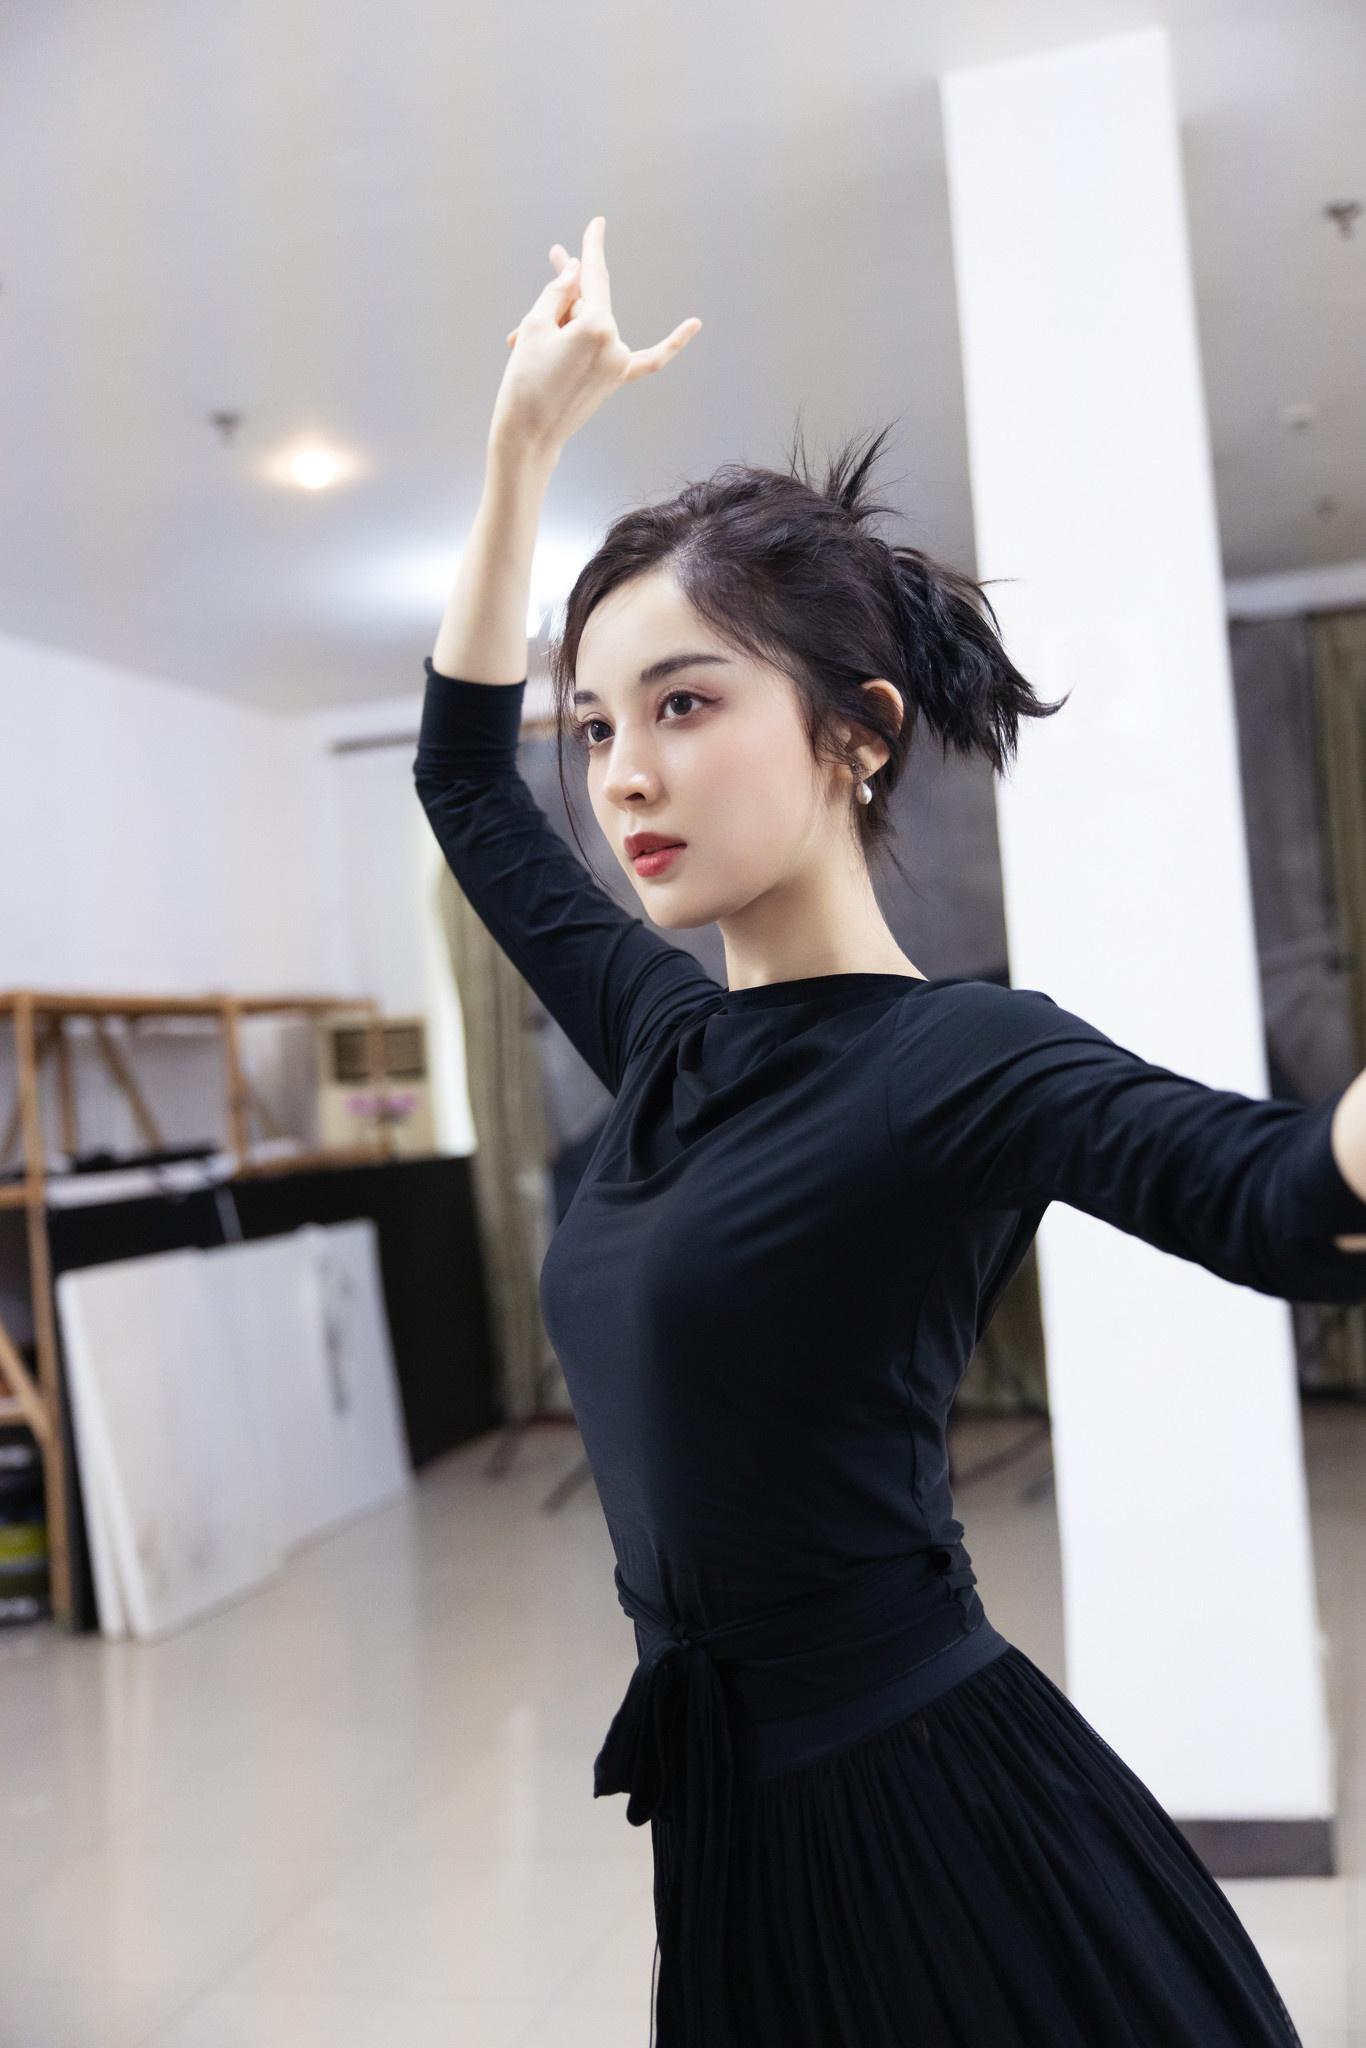 云博开户:《大唐明月》曝古力娜扎练舞照 舞姿曼妙纱裙迷人 第1张